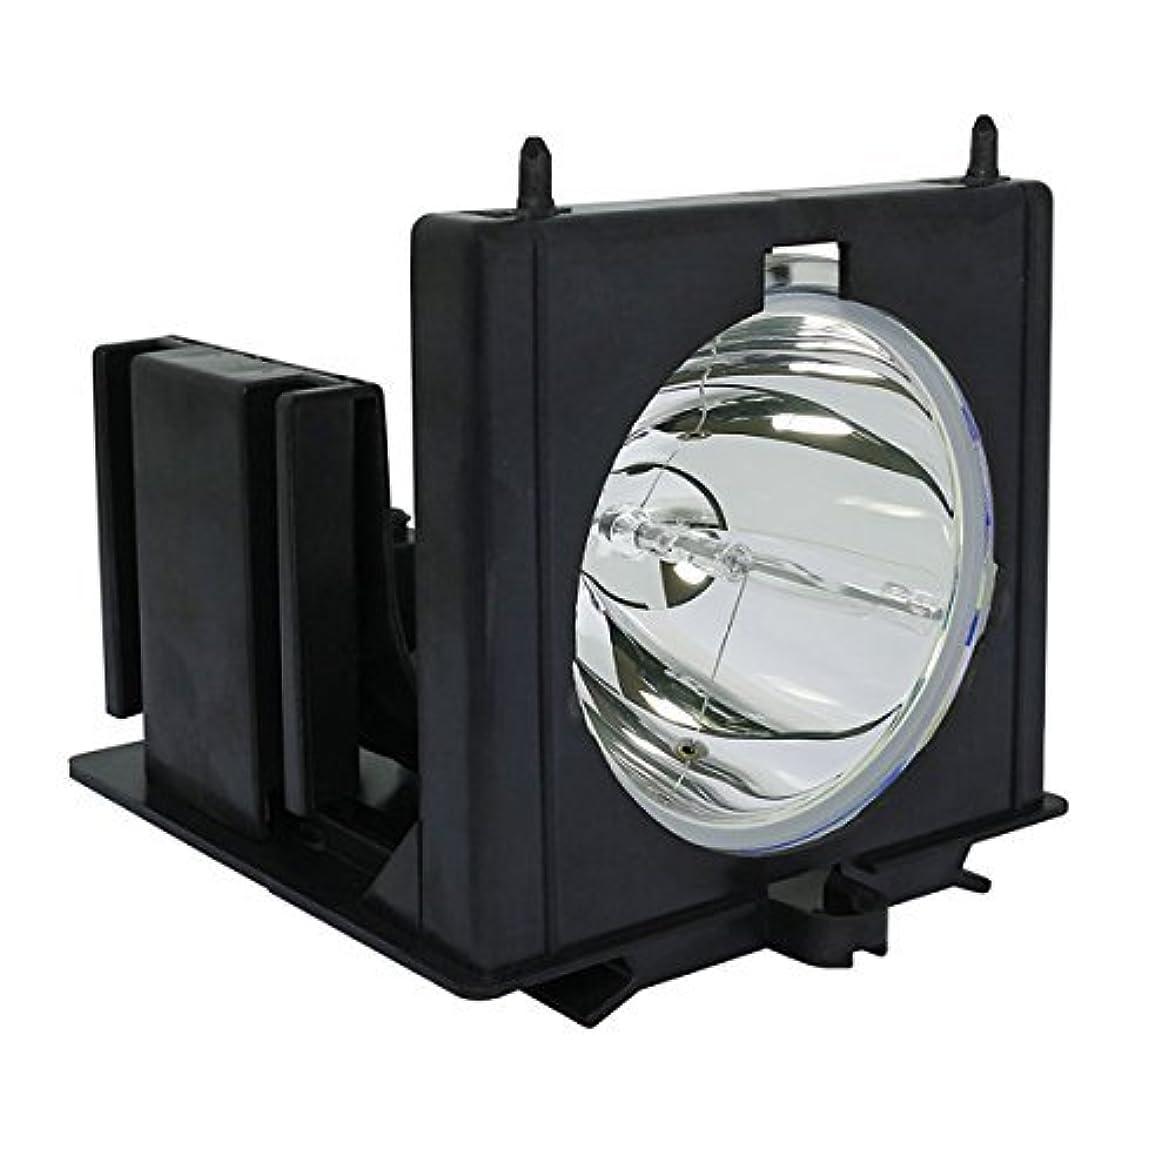 極めて重要な規制するスタッフSpArc Platinum RCA HDLP61W151 Television Replacement Lamp with Housing [並行輸入品]